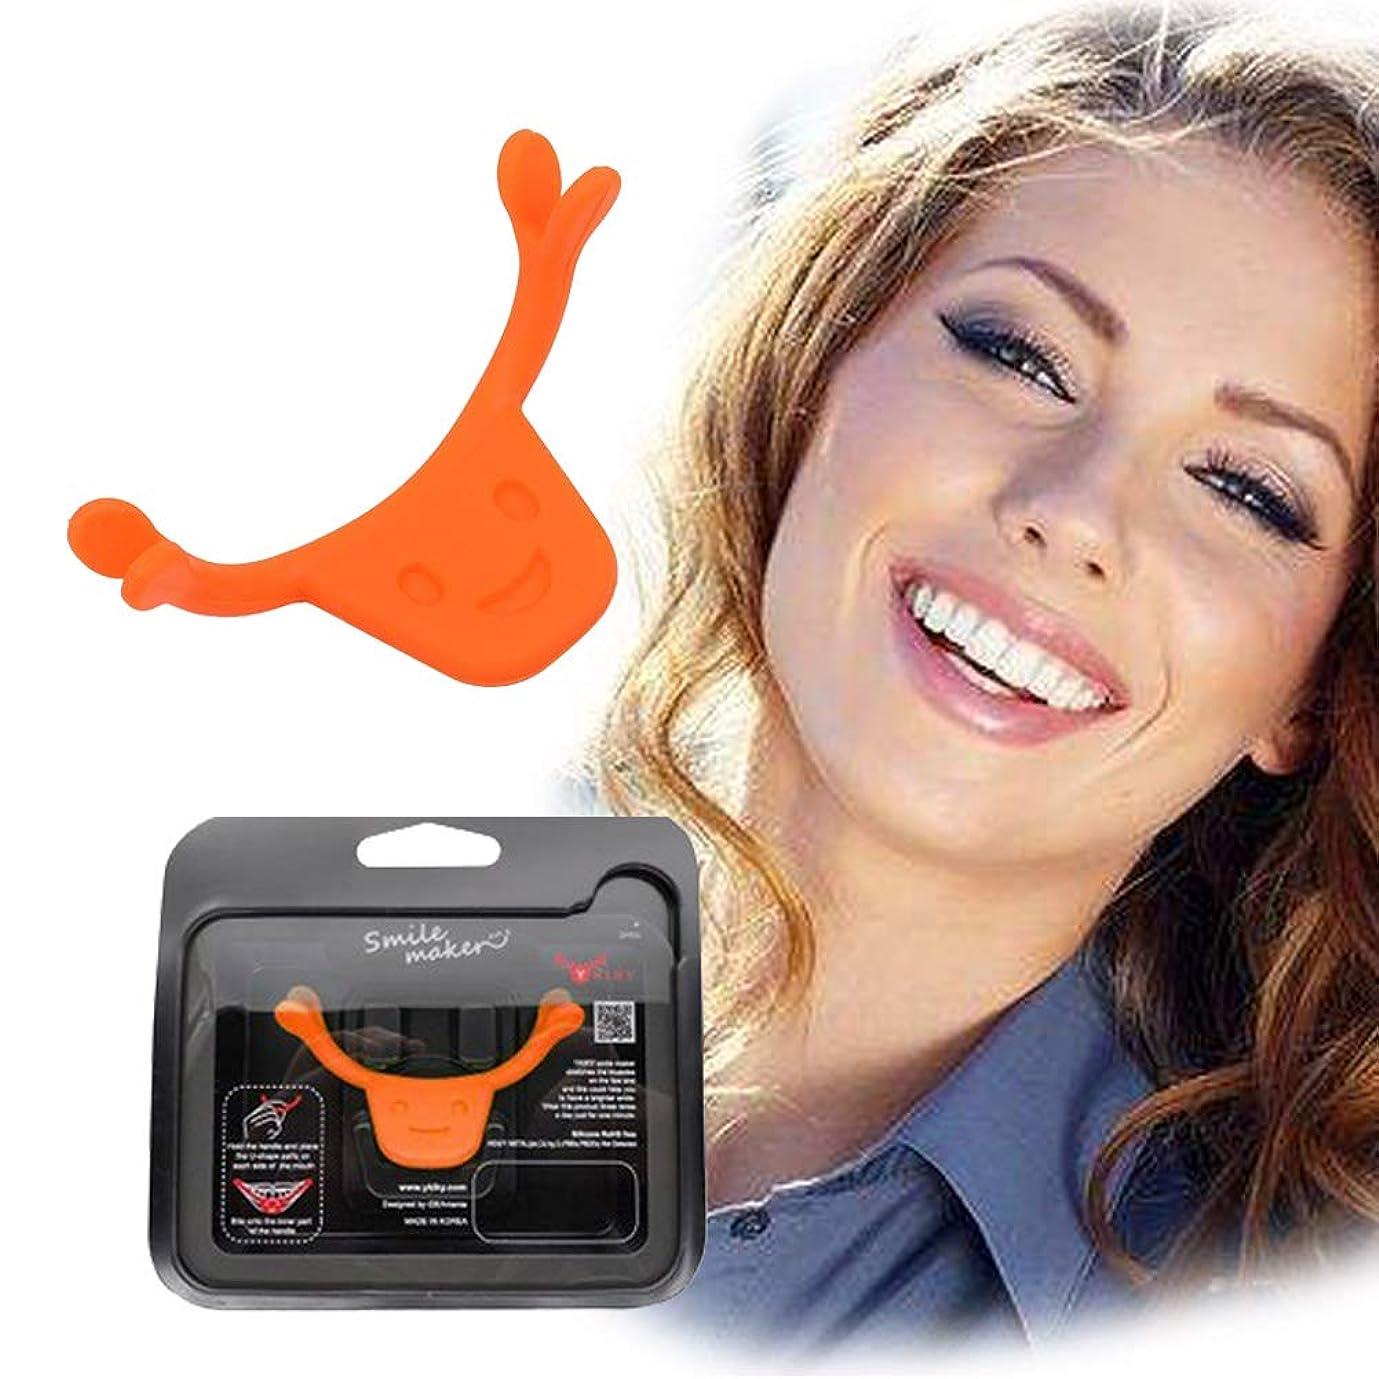 傘ラジエーター印刷するBasong 小顔矯正 顔痩せグッズ フェイストレーニング 笑顔練習 スマイル矯正 口角上げる 口角アップ リフトアップ オレンジ